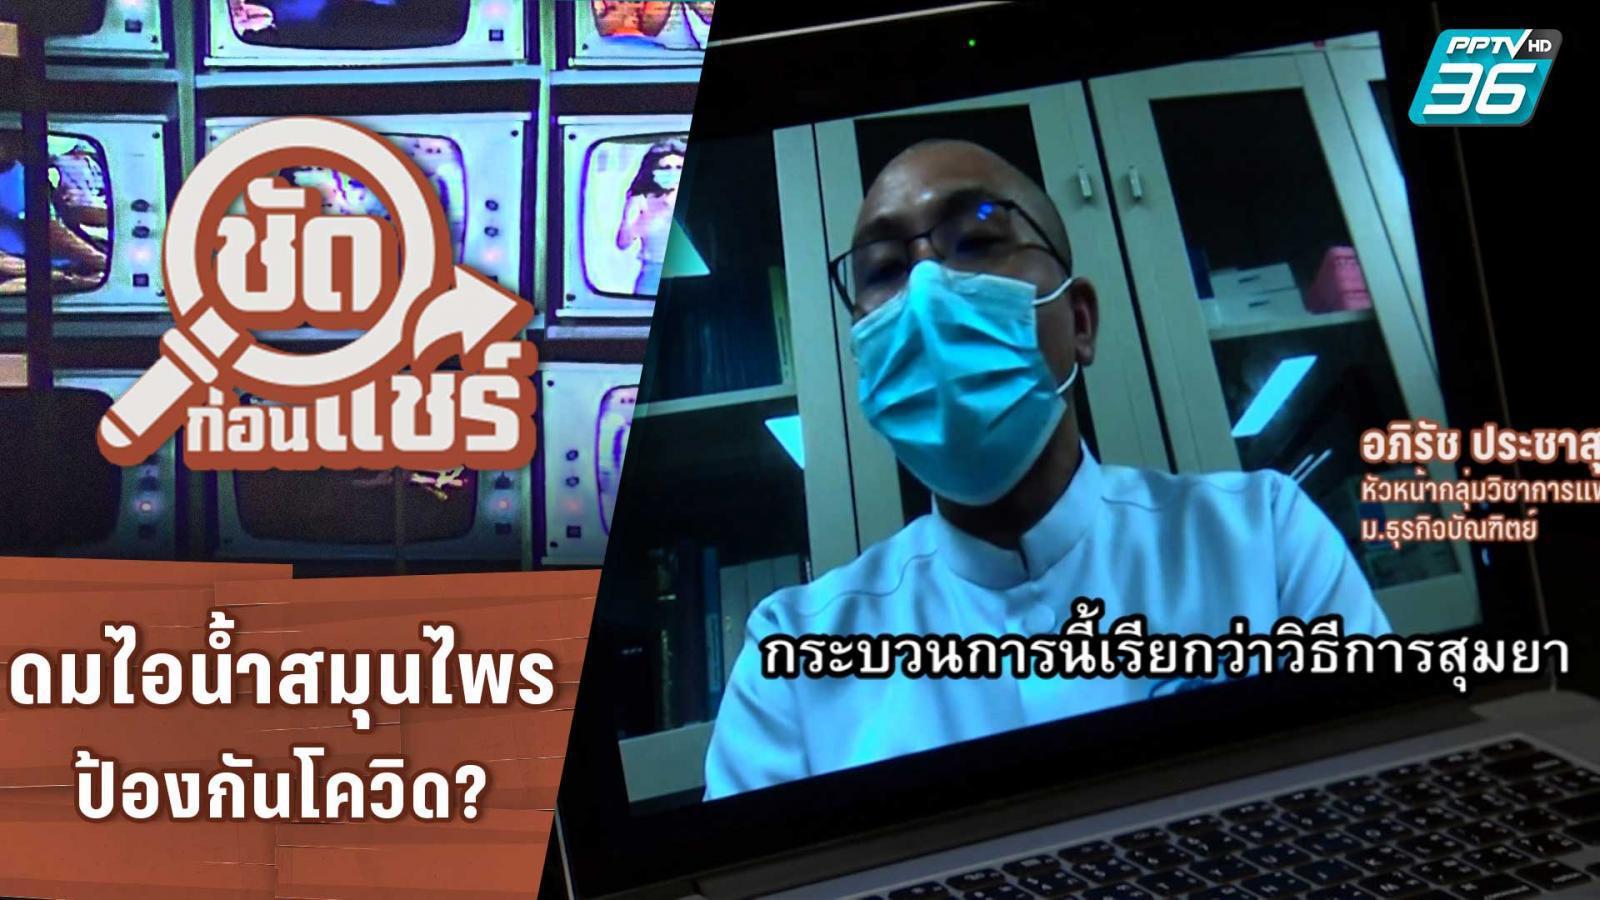 ชัดก่อนแชร์ | ดมไอน้ำสมุนไพรฆ่าเชื้อโควิด-19ได้ จริงหรือ? | PPTV HD 36